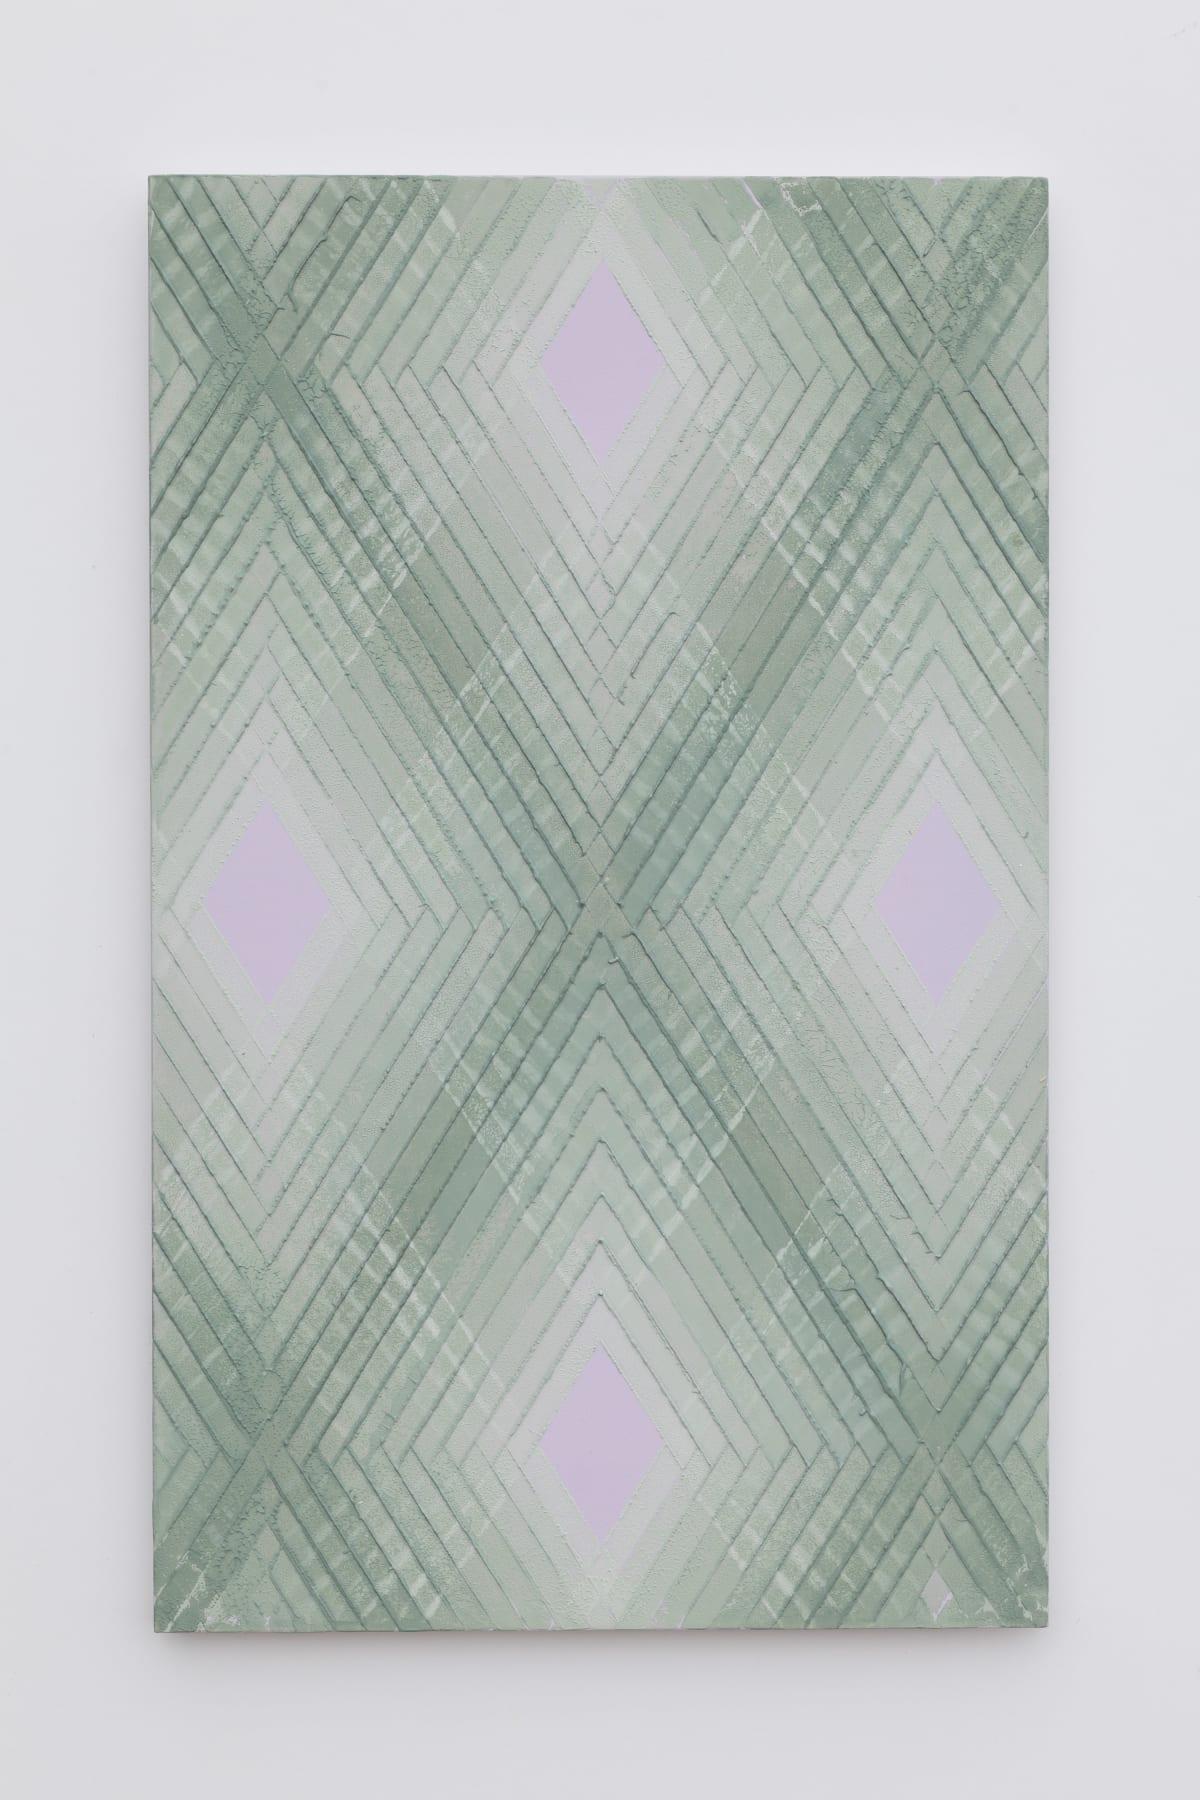 Will Cruickshank, Green on violet 1, 2019